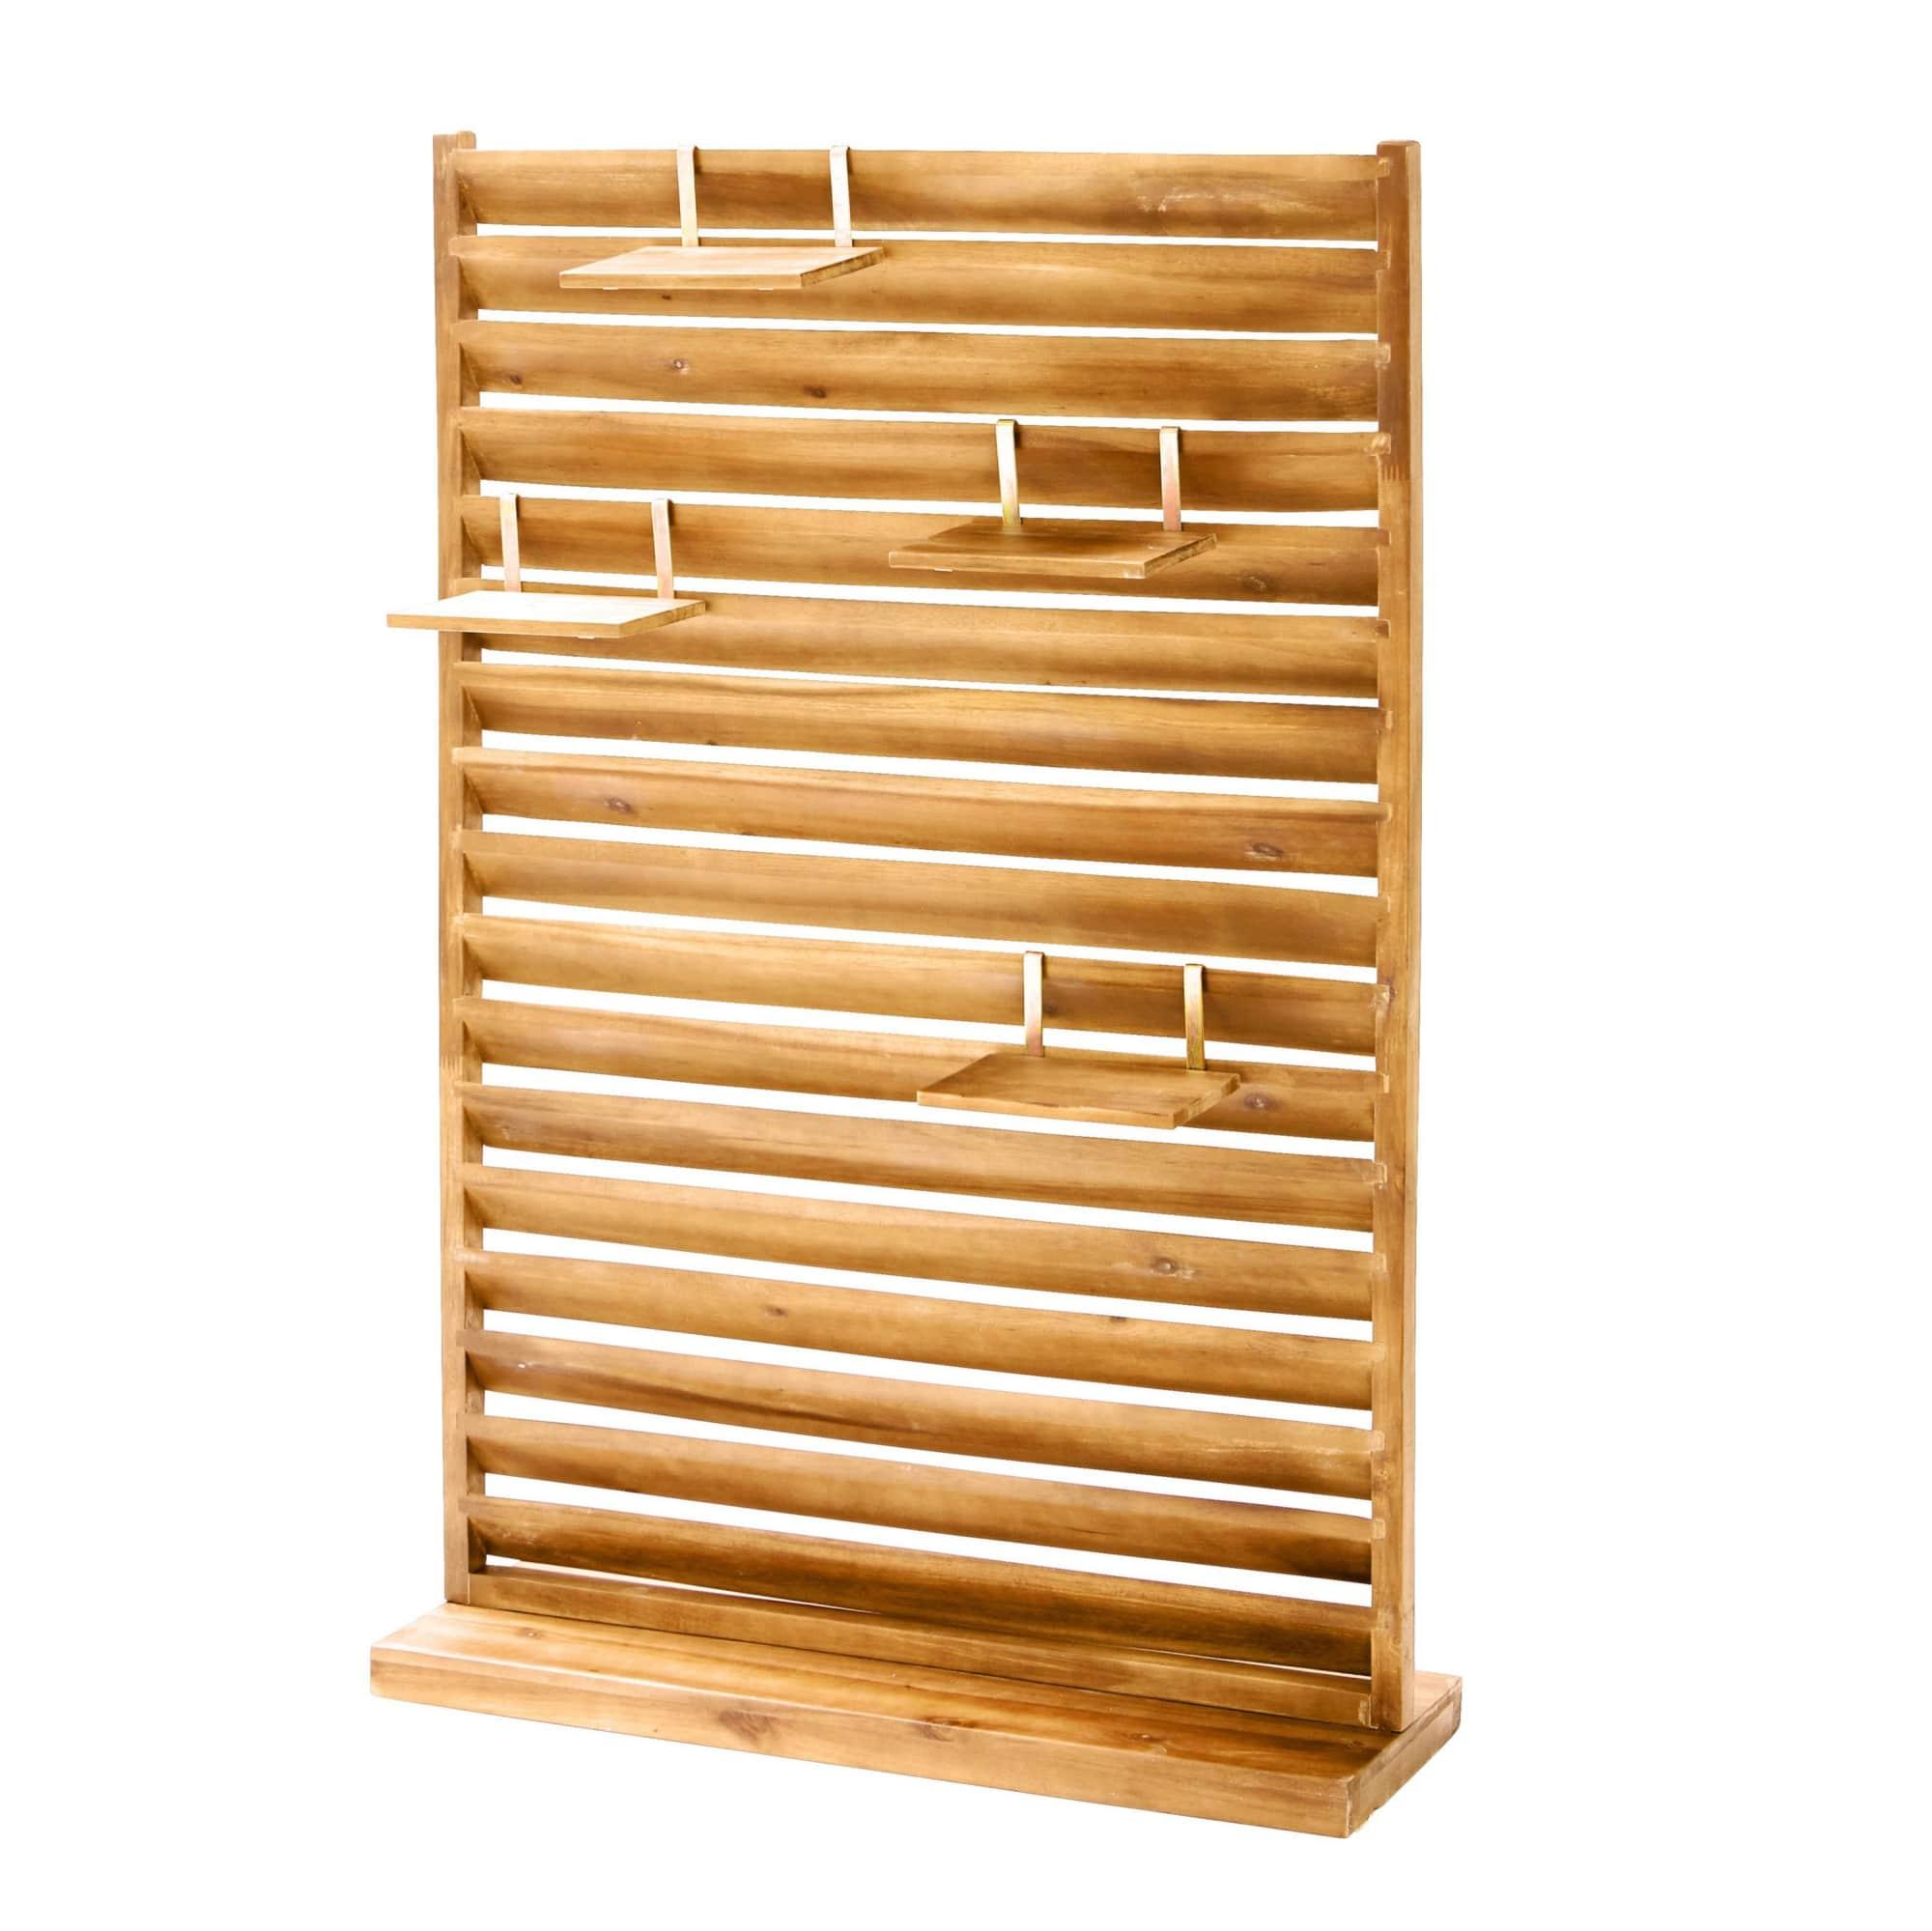 Outdoor Sichtschutz, klein Lamellen, Akazienholz, ca. 20 x 20 cm